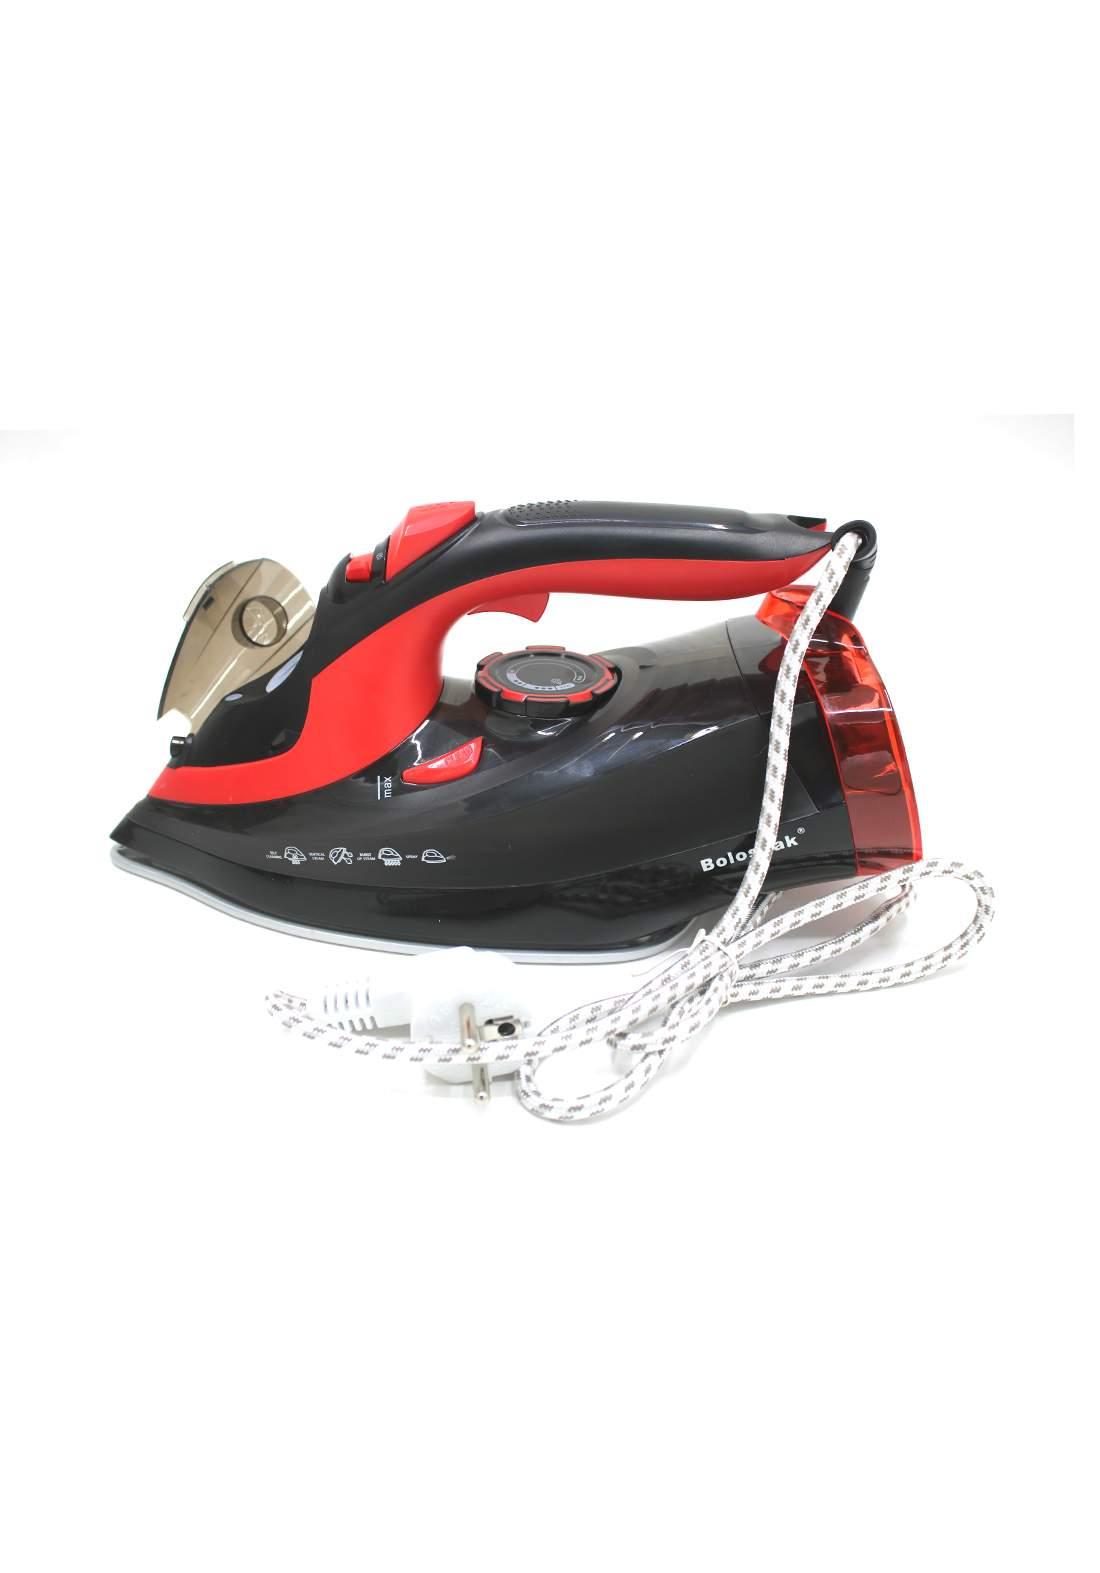 Boloshak 156017 Hand steam iron 2400 W مكواة بخارية يدوية